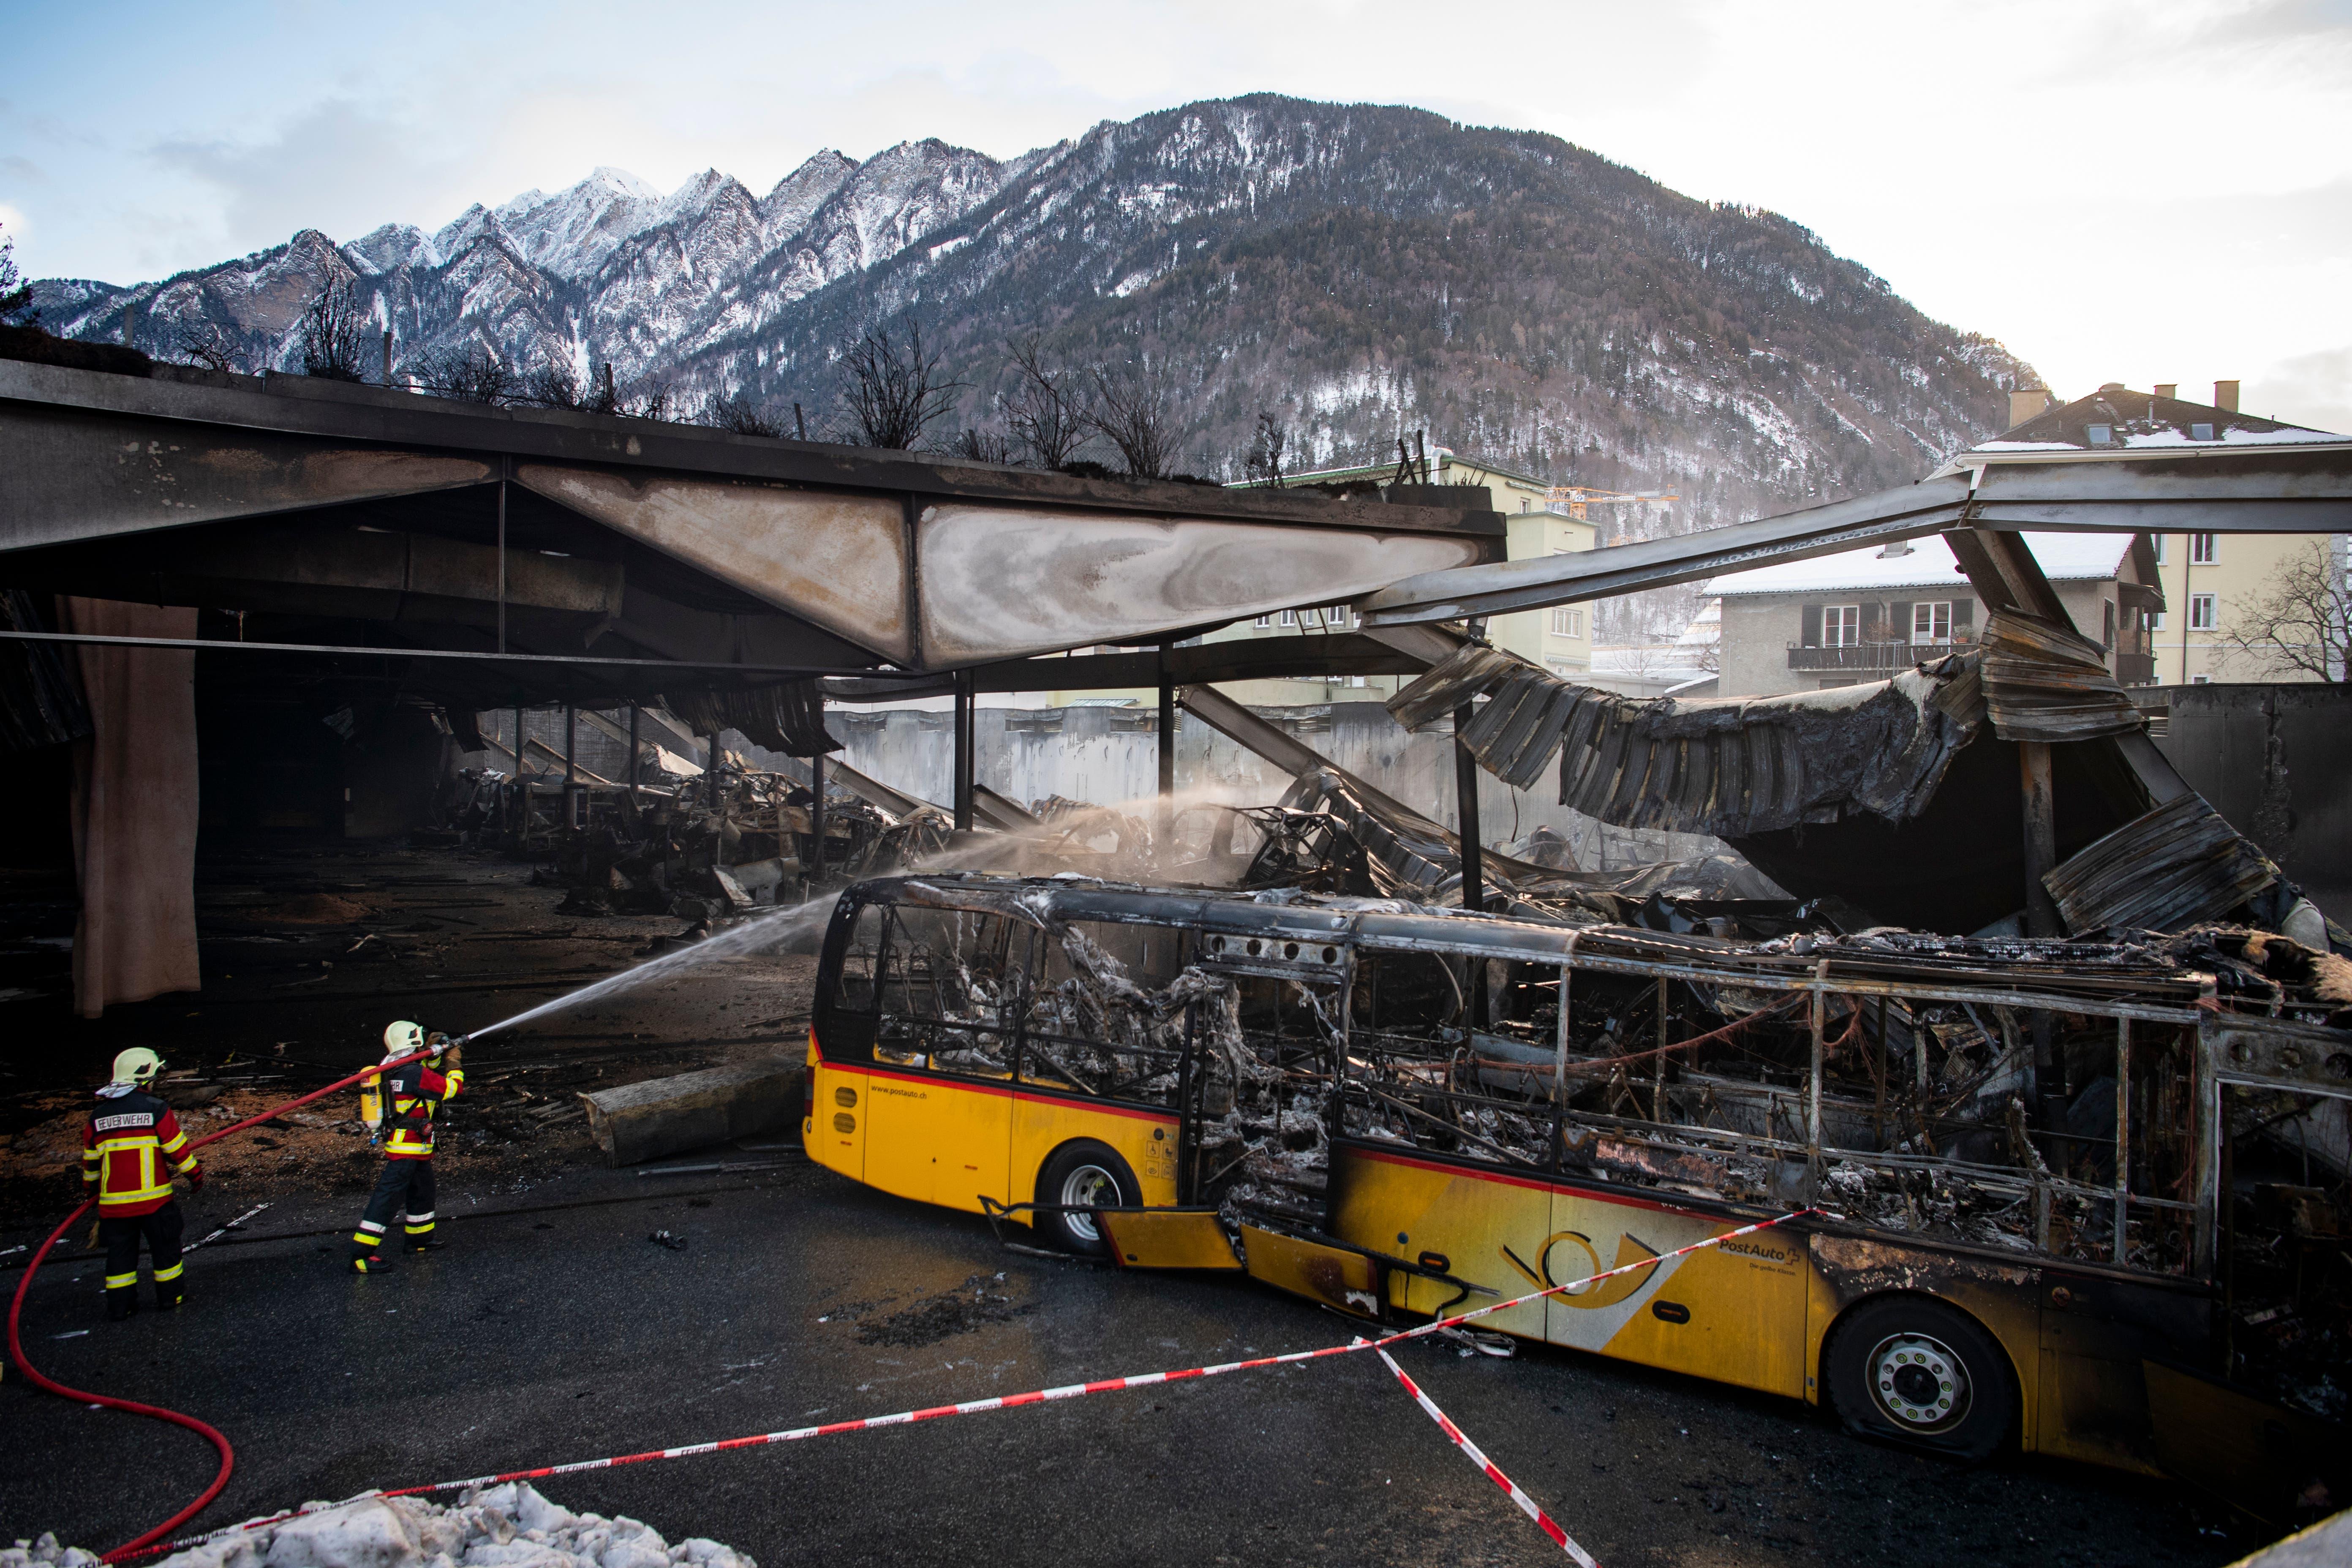 Ein Bild der ZerstörungBeim Brand kamen laut Polizei keine Personen zu Schaden. (KEYSTONE/Gian Ehrenzeller, 17.1.2019)